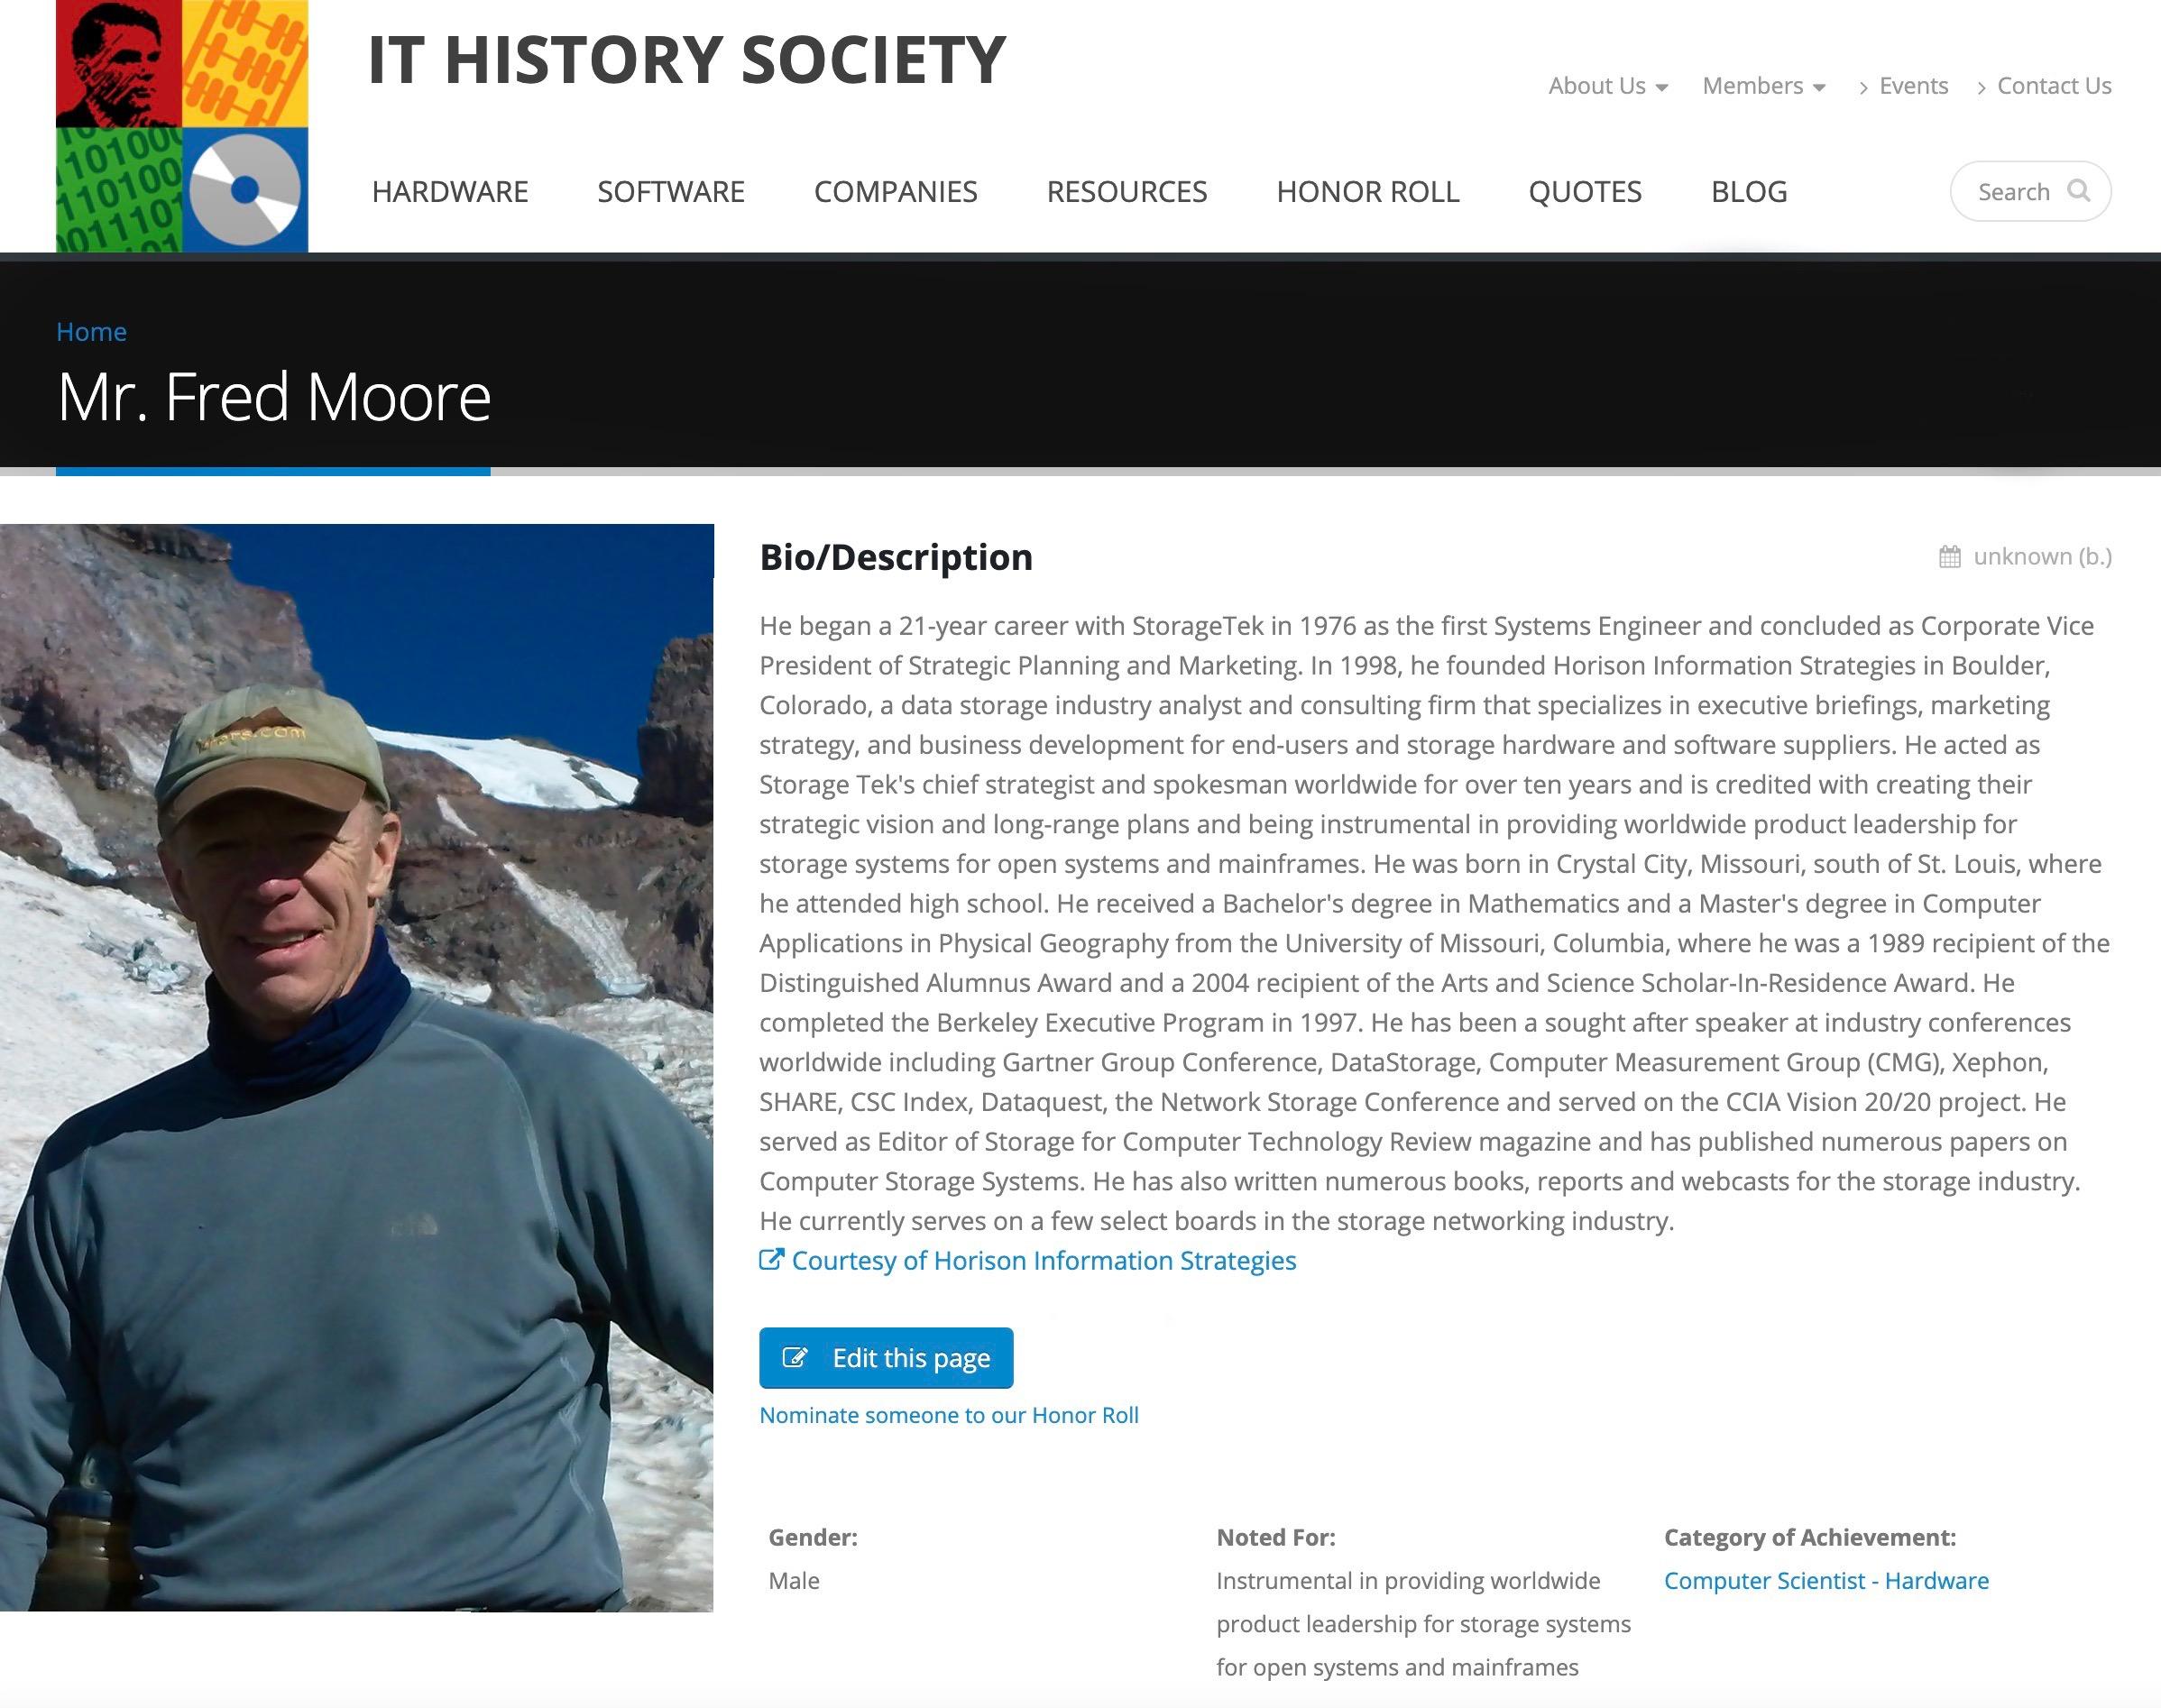 IT History Society Honor Roll